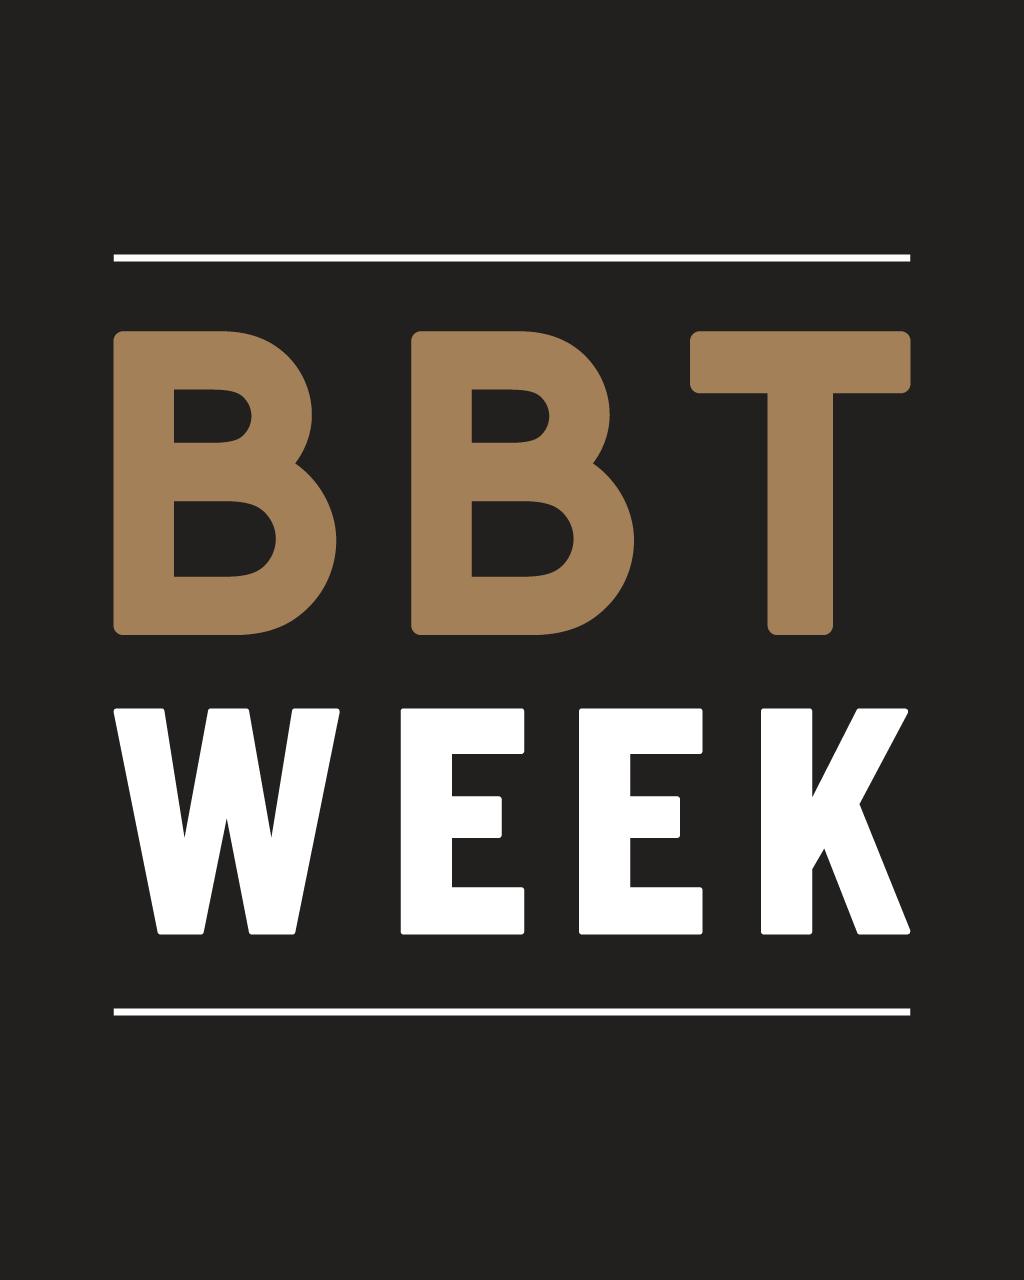 BBT WEEK